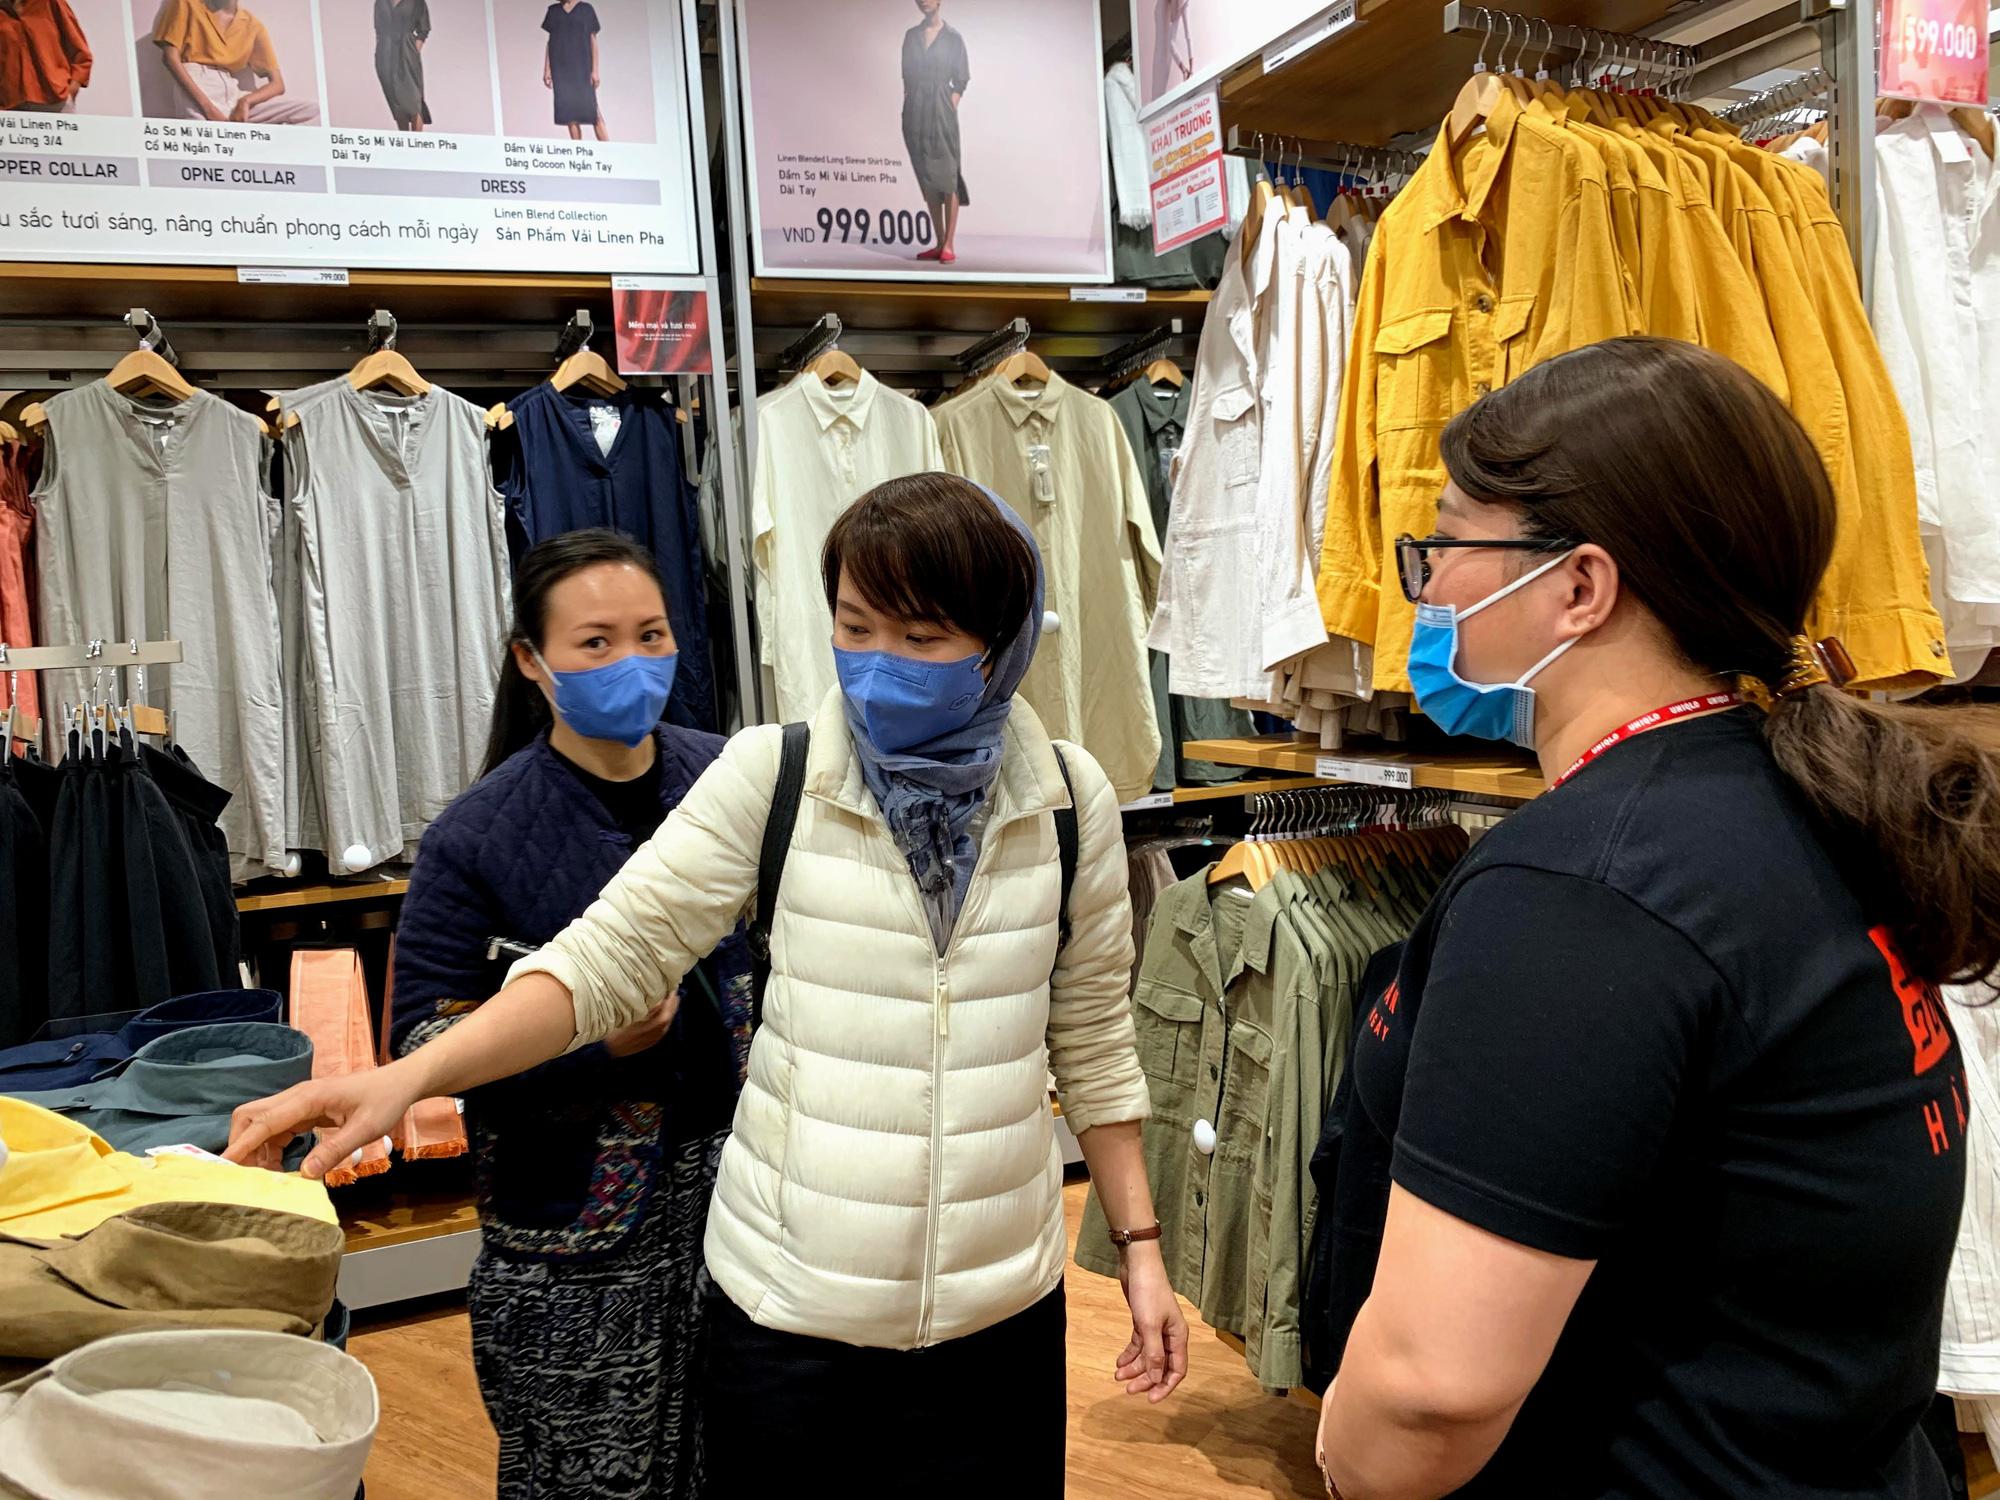 Chị em chen chân đi sắm đồ 8/3 tại Uniqlo Hà Nội, Vincom Phạm Ngọc Thạch chật kín trong biển người - Ảnh 9.